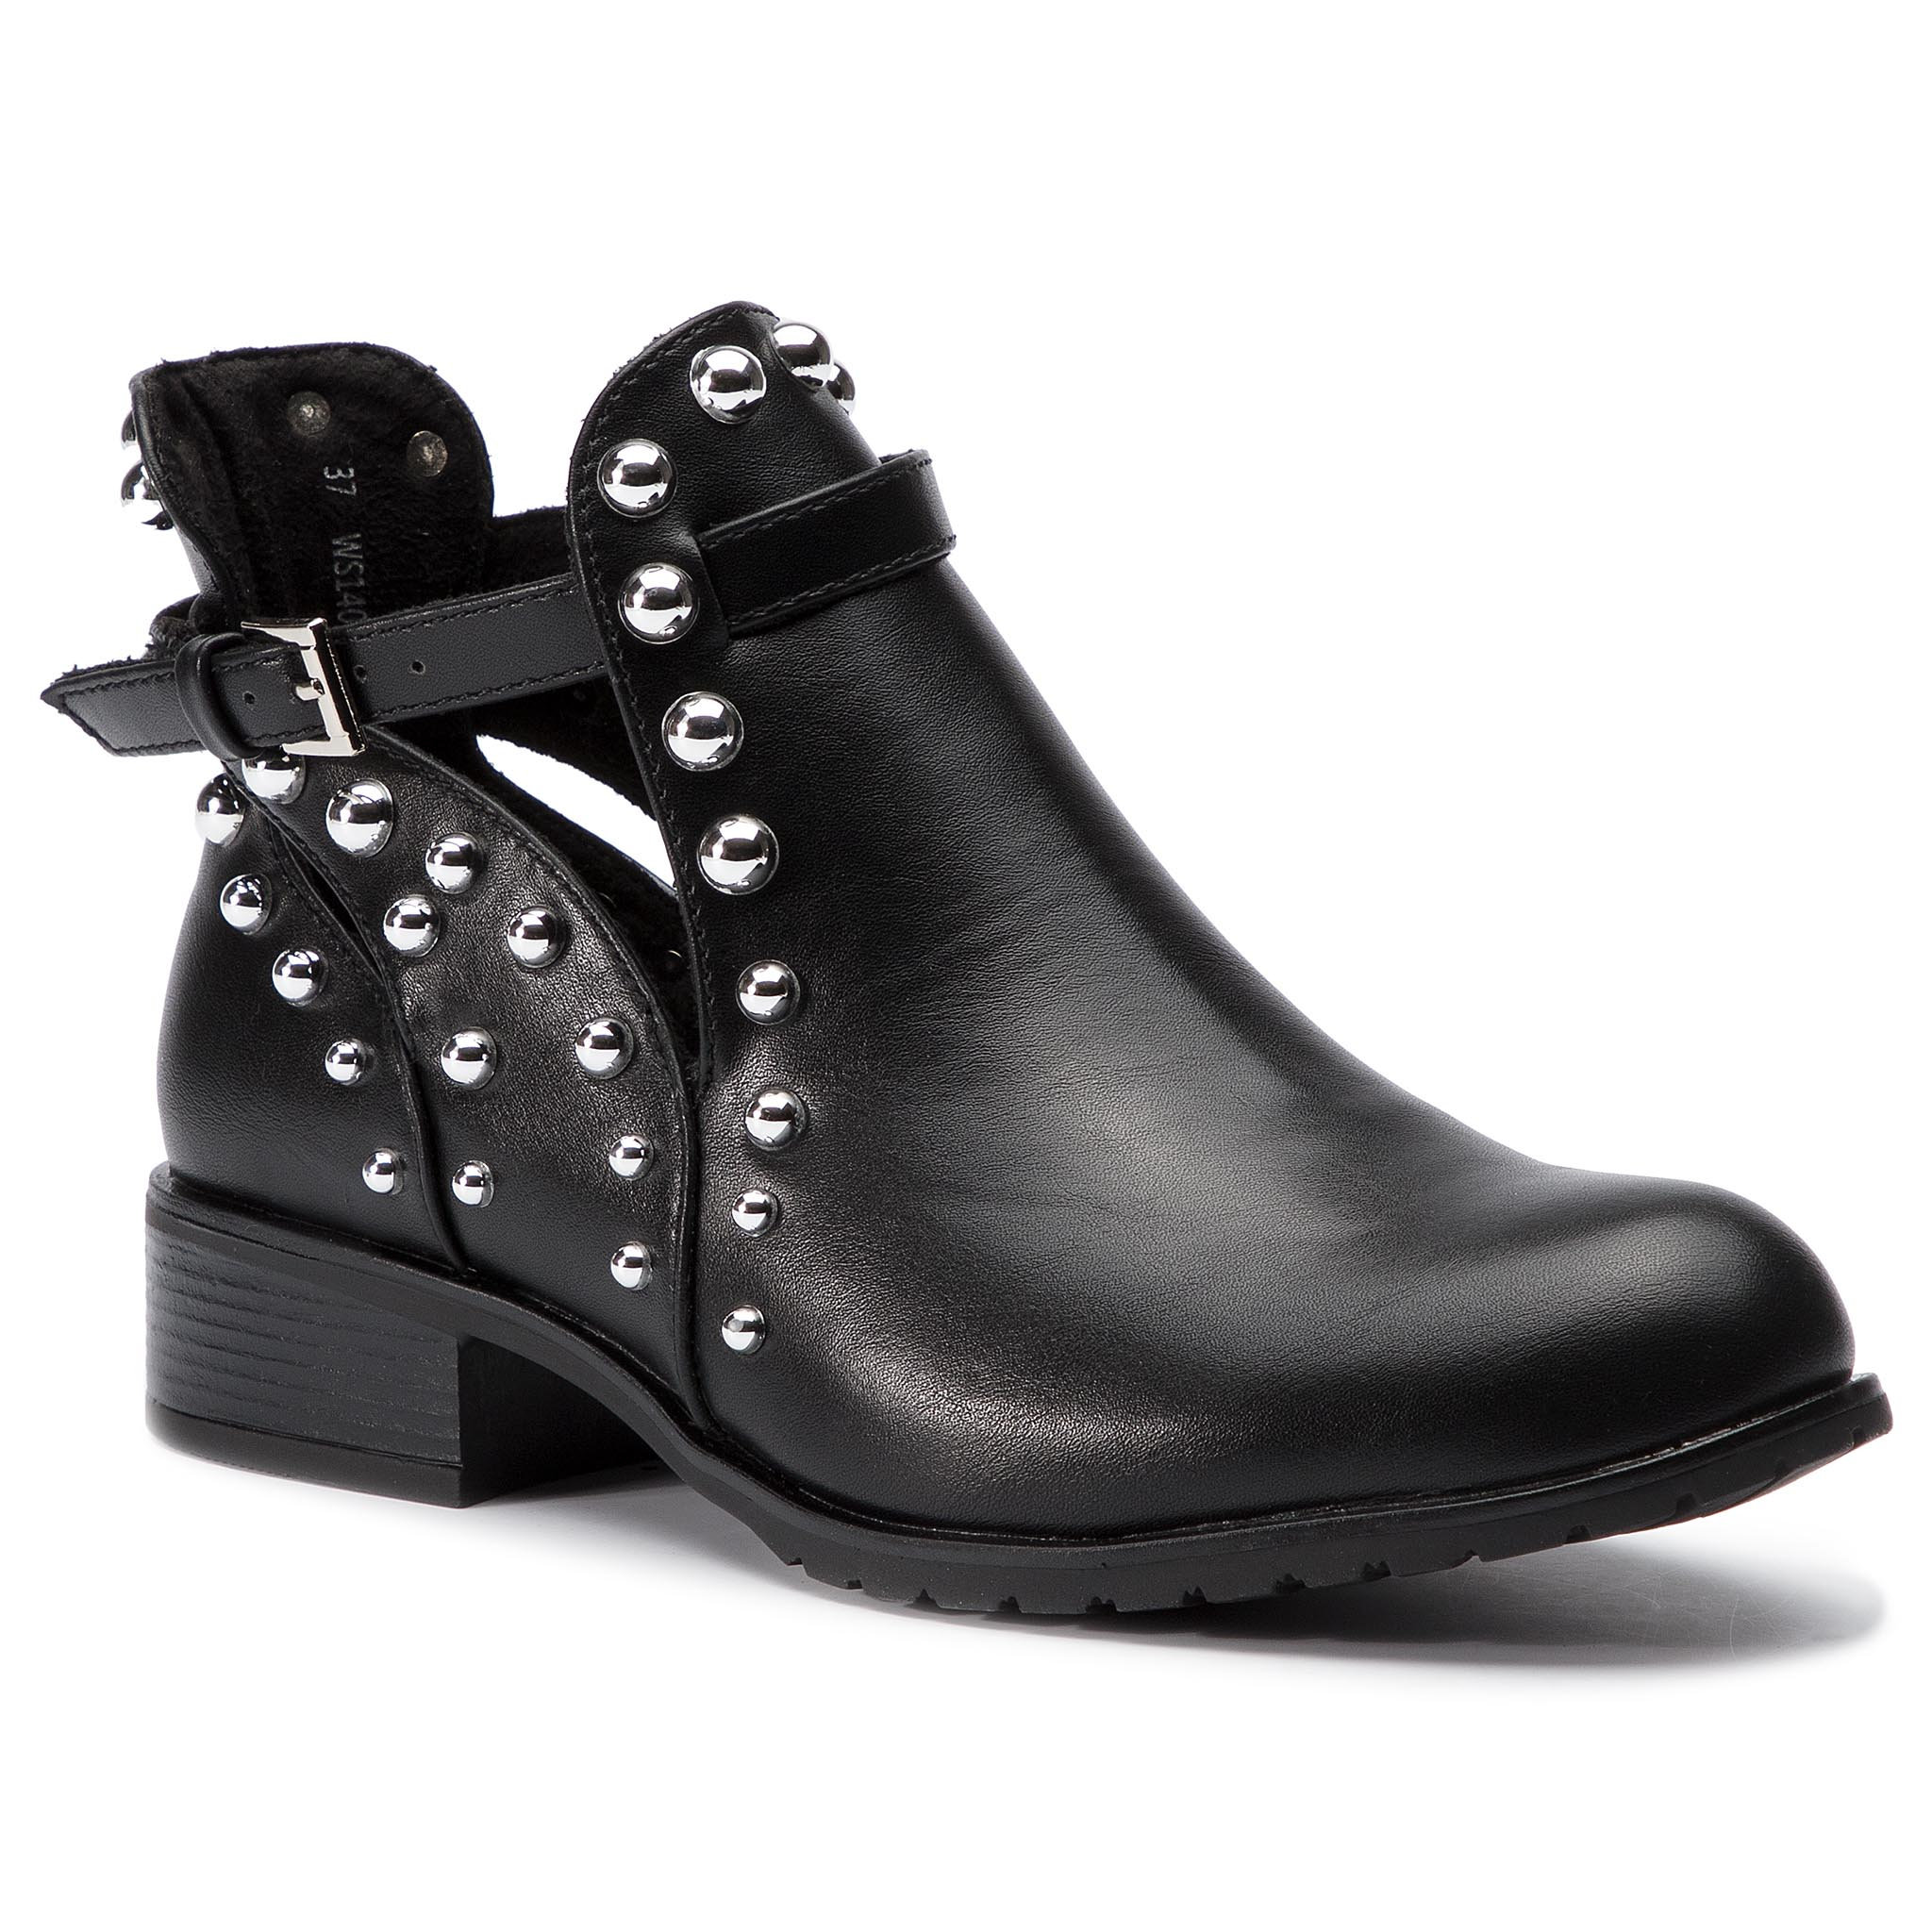 3e384c8d4137 členková topánka DeeZee WS14087-36 čierna Dámske - Topánky - Členková obuv  - https   ccc.eu